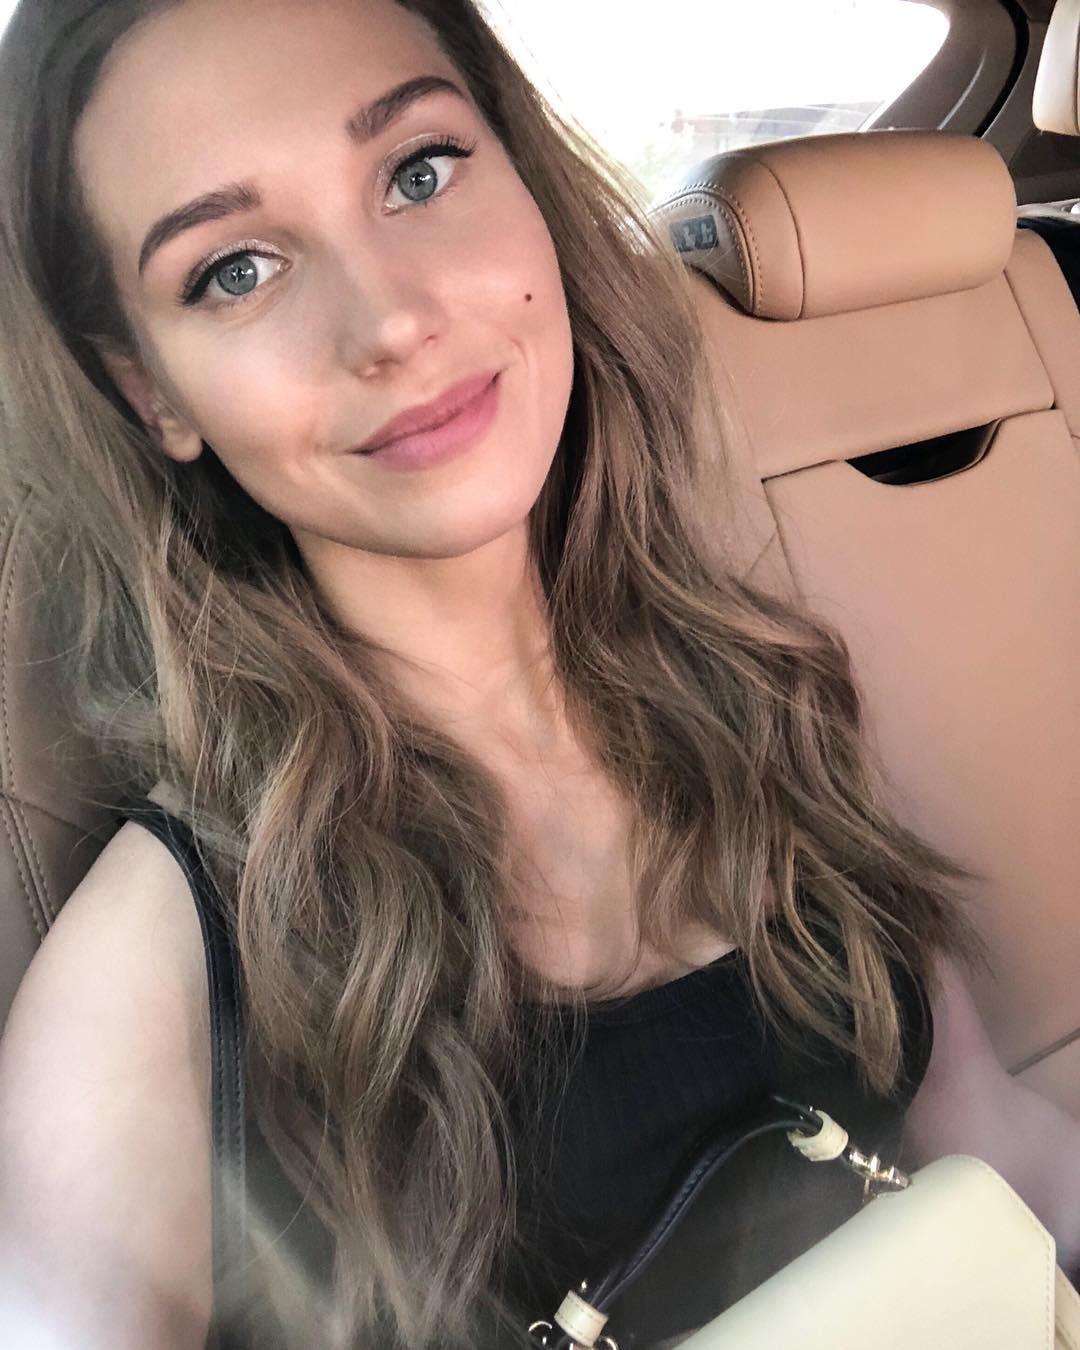 Обладательница ангельской внешности актриса Кристина Асмус даже всвои 30 лет может претендовать нароль тинейджера. Широкая улыбка, ровная кожа исветлые волосы делают ее явно моложе, че...